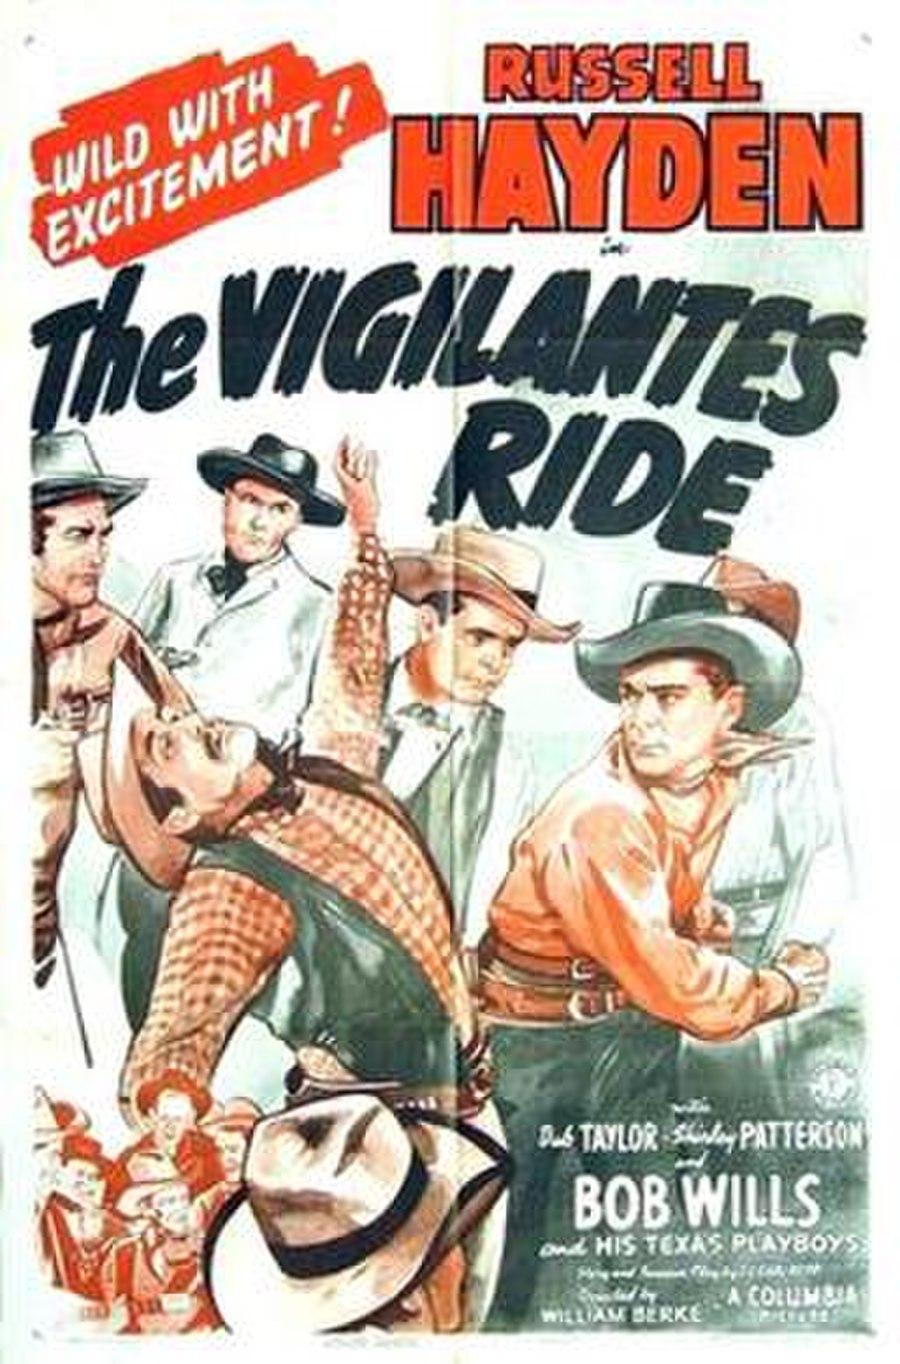 The Vigilantes Ride